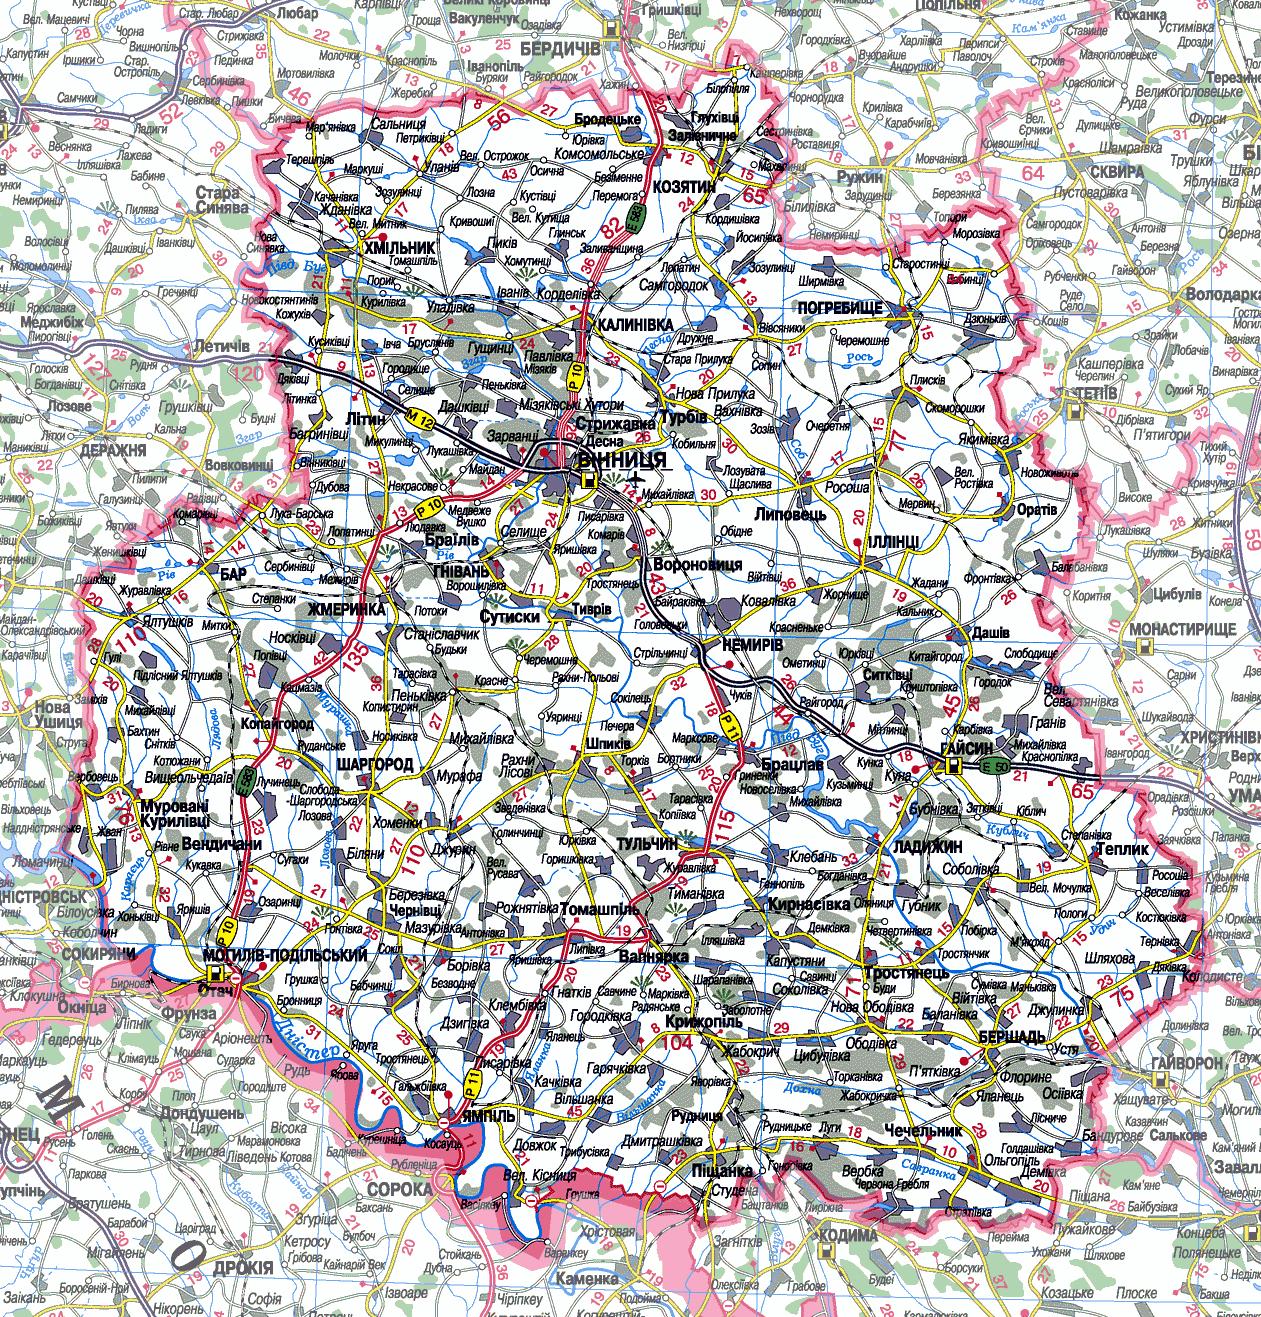 Карта Винницкой области подробная